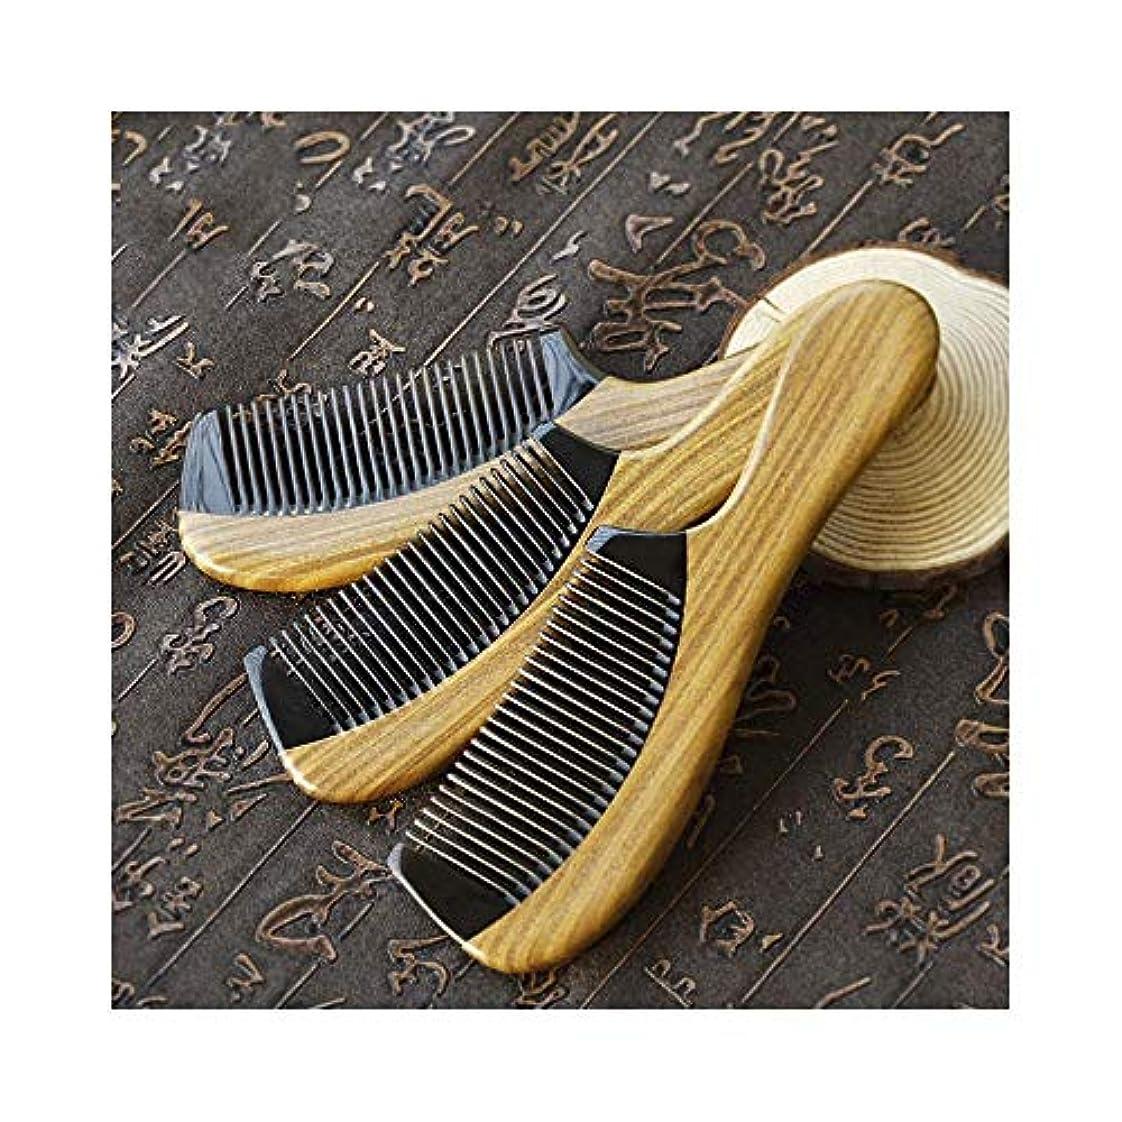 下に向けます不一致ブランチグリーンサンダルウッド櫛静電気防止マッサージヘアブラシ付きFashian手作りの木製くしナチュラルバッファローホーン ヘアケア